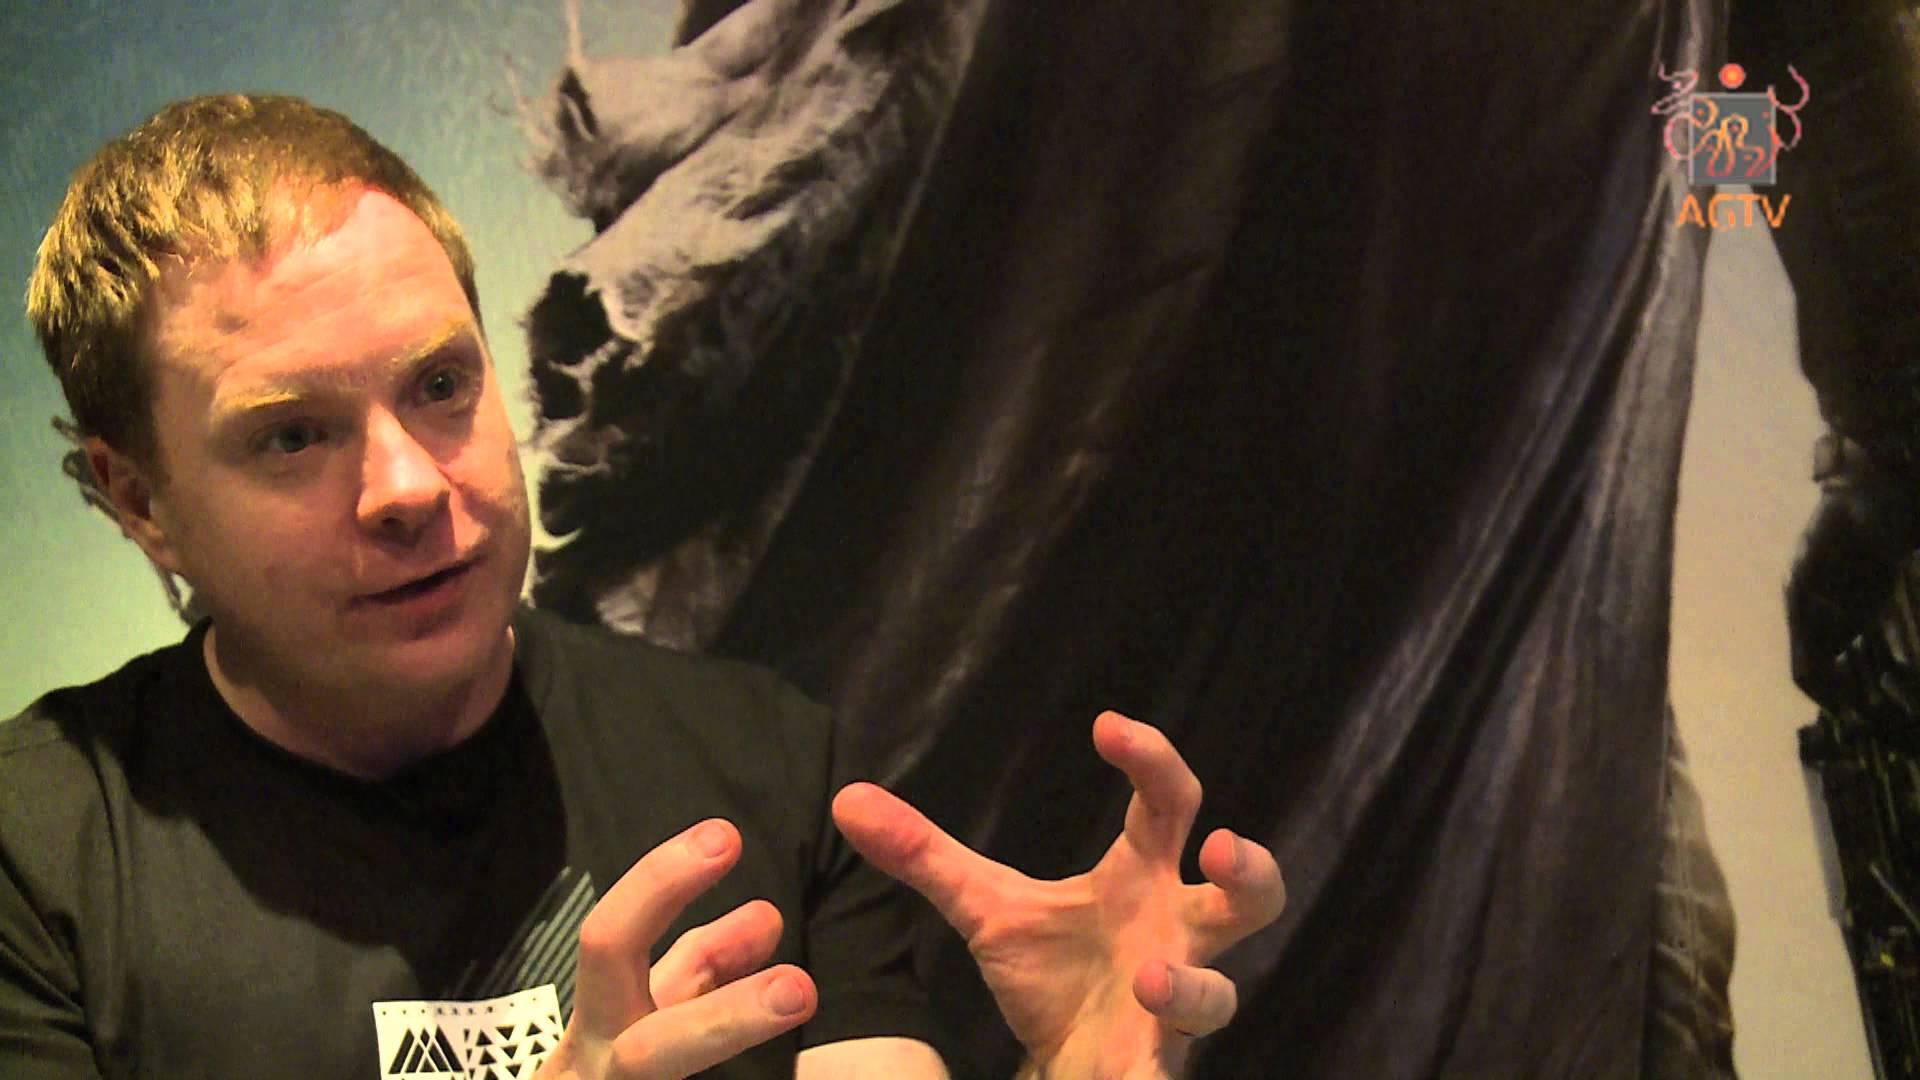 интервью destiny interview david dague deej disgusting men отвратительные мужики